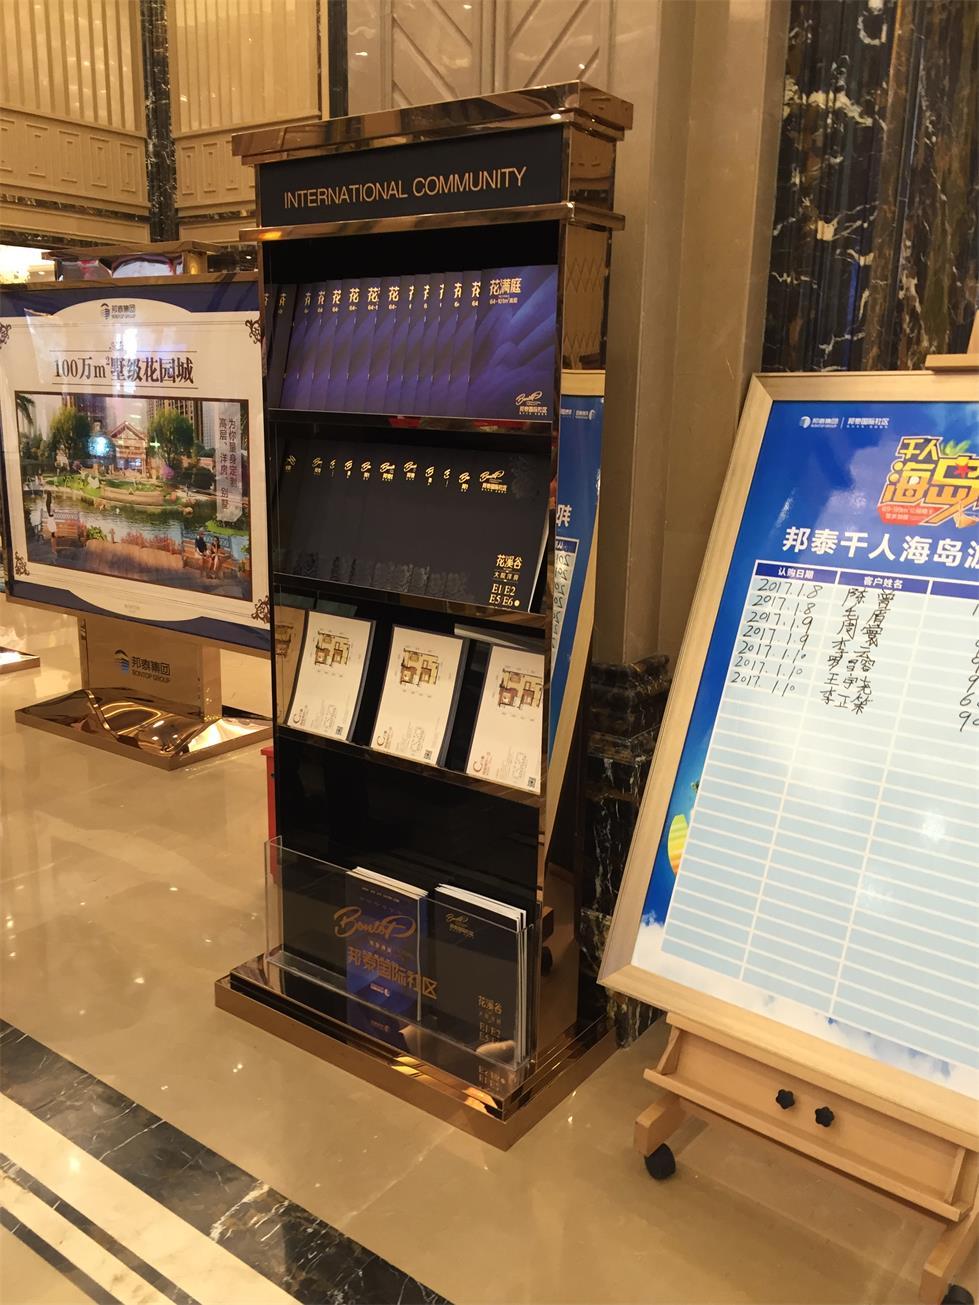 四川标识标牌厂家和您说说商场标识制作七要素